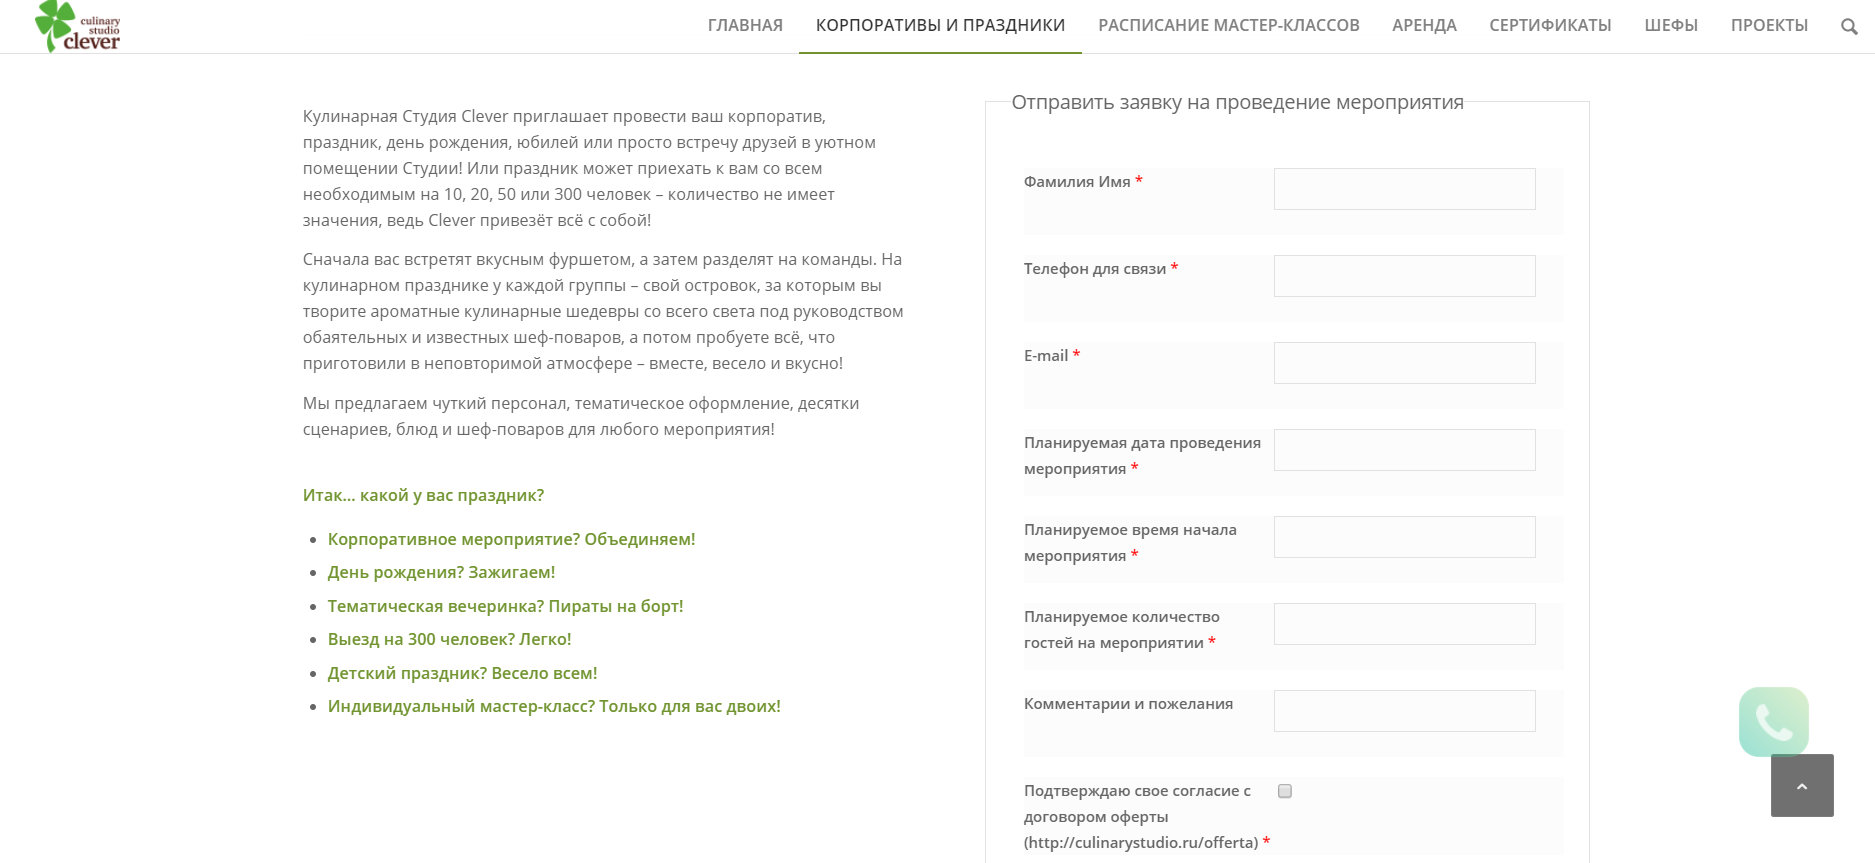 Форма для заказа корпоративов и праздников на сайте кулинарной студии